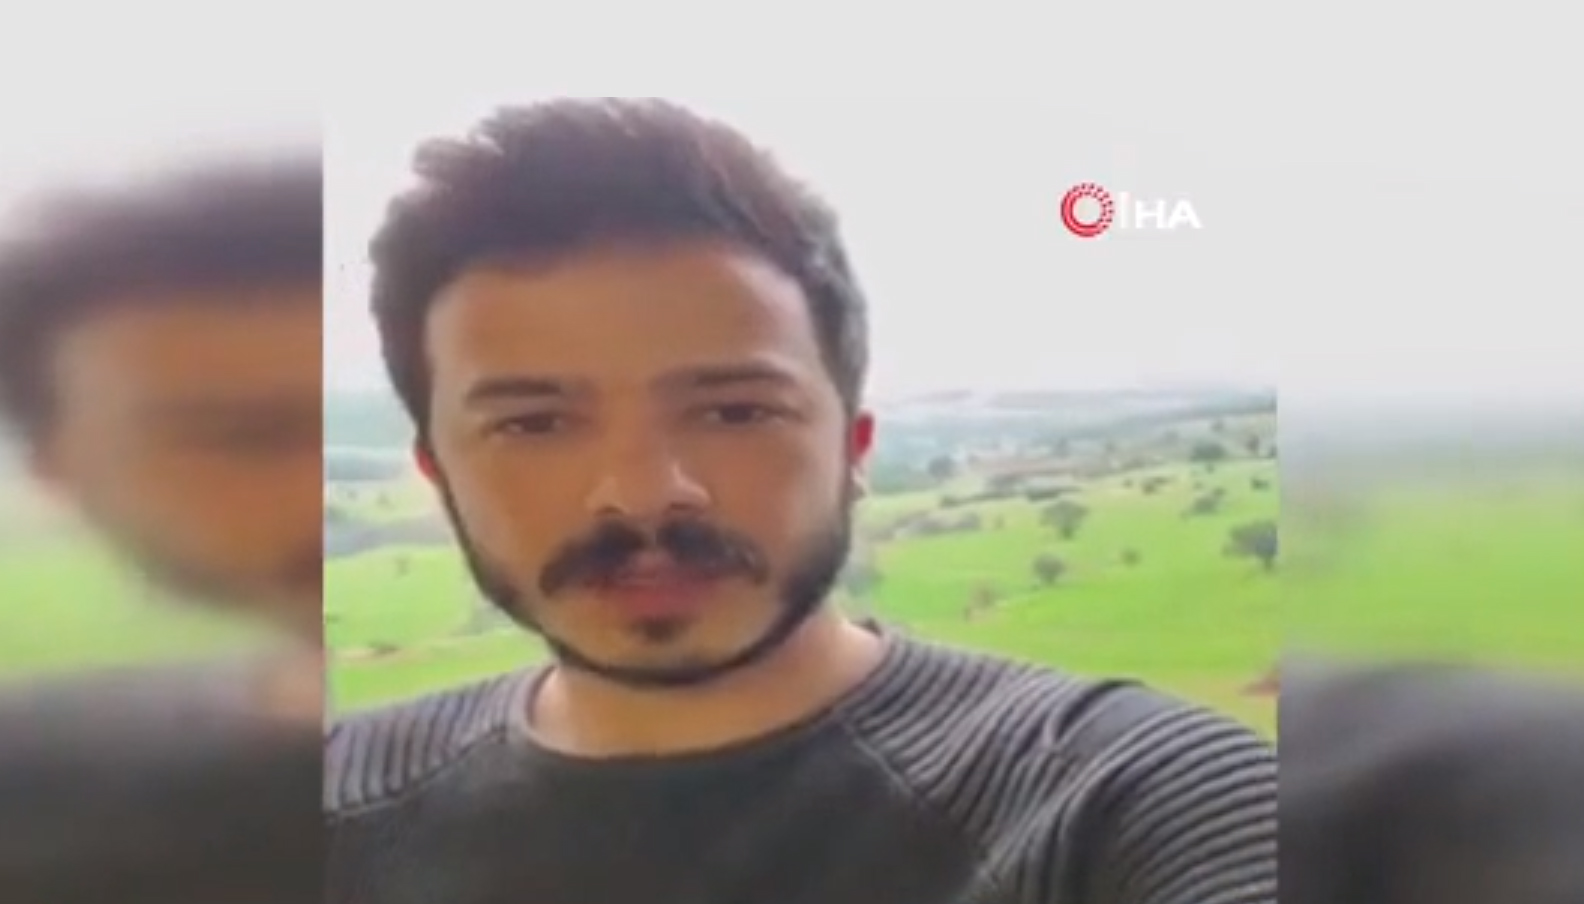 Uşak'taki KYK yurduna getirilen Yücel Çakmak, geldiği süre boyunca yaşadıklarına ilişkin video çekip yayınladı .